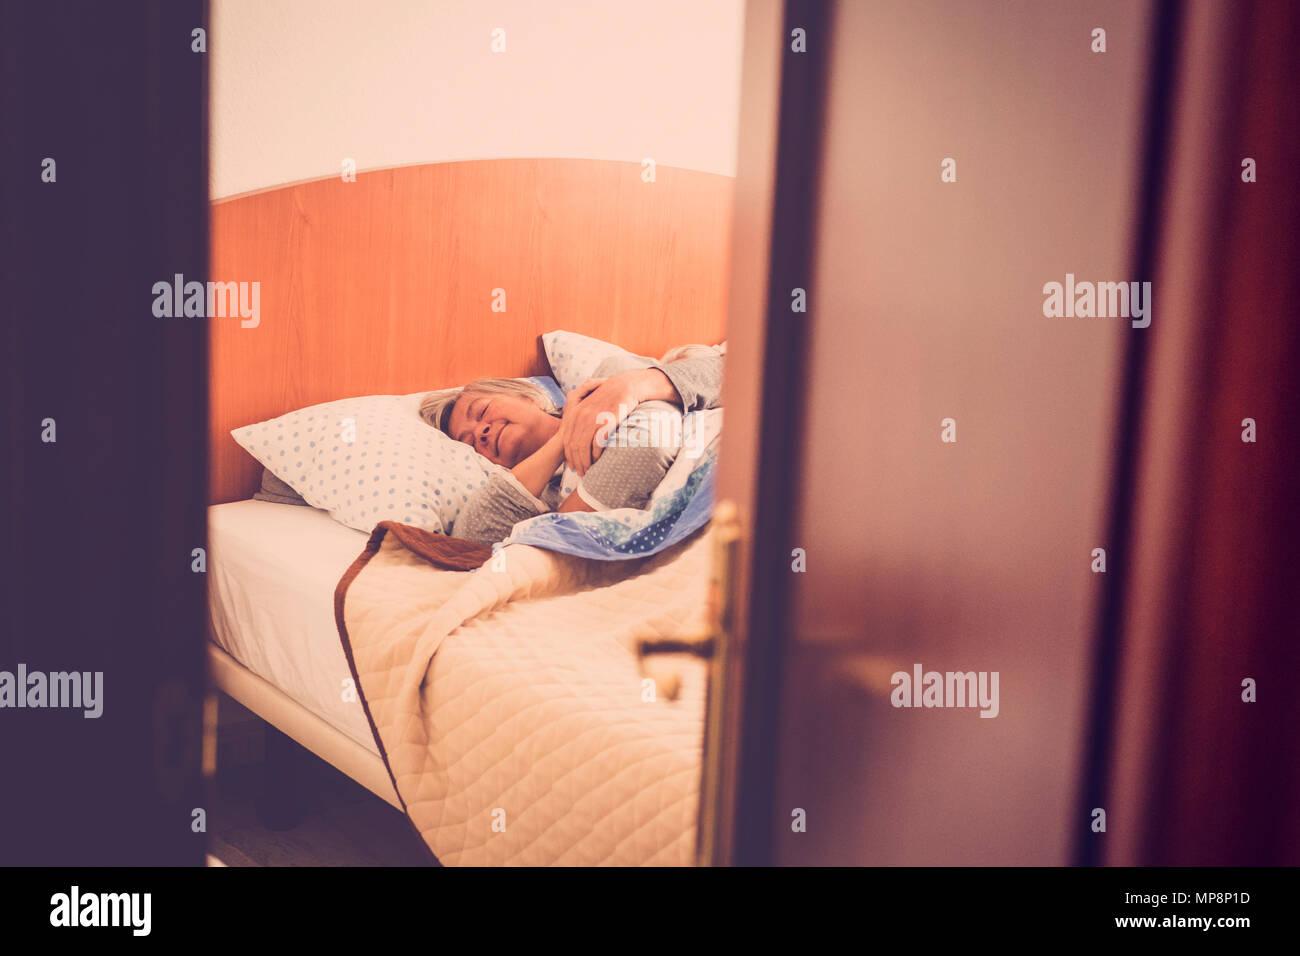 Couple âgé adultes dormir à la chambre à coucher à la maison, une scène quotidienne pour de l'amour pour toujours. look rétro filtre. scène masquée. Douceur et personnes âgées Photo Stock